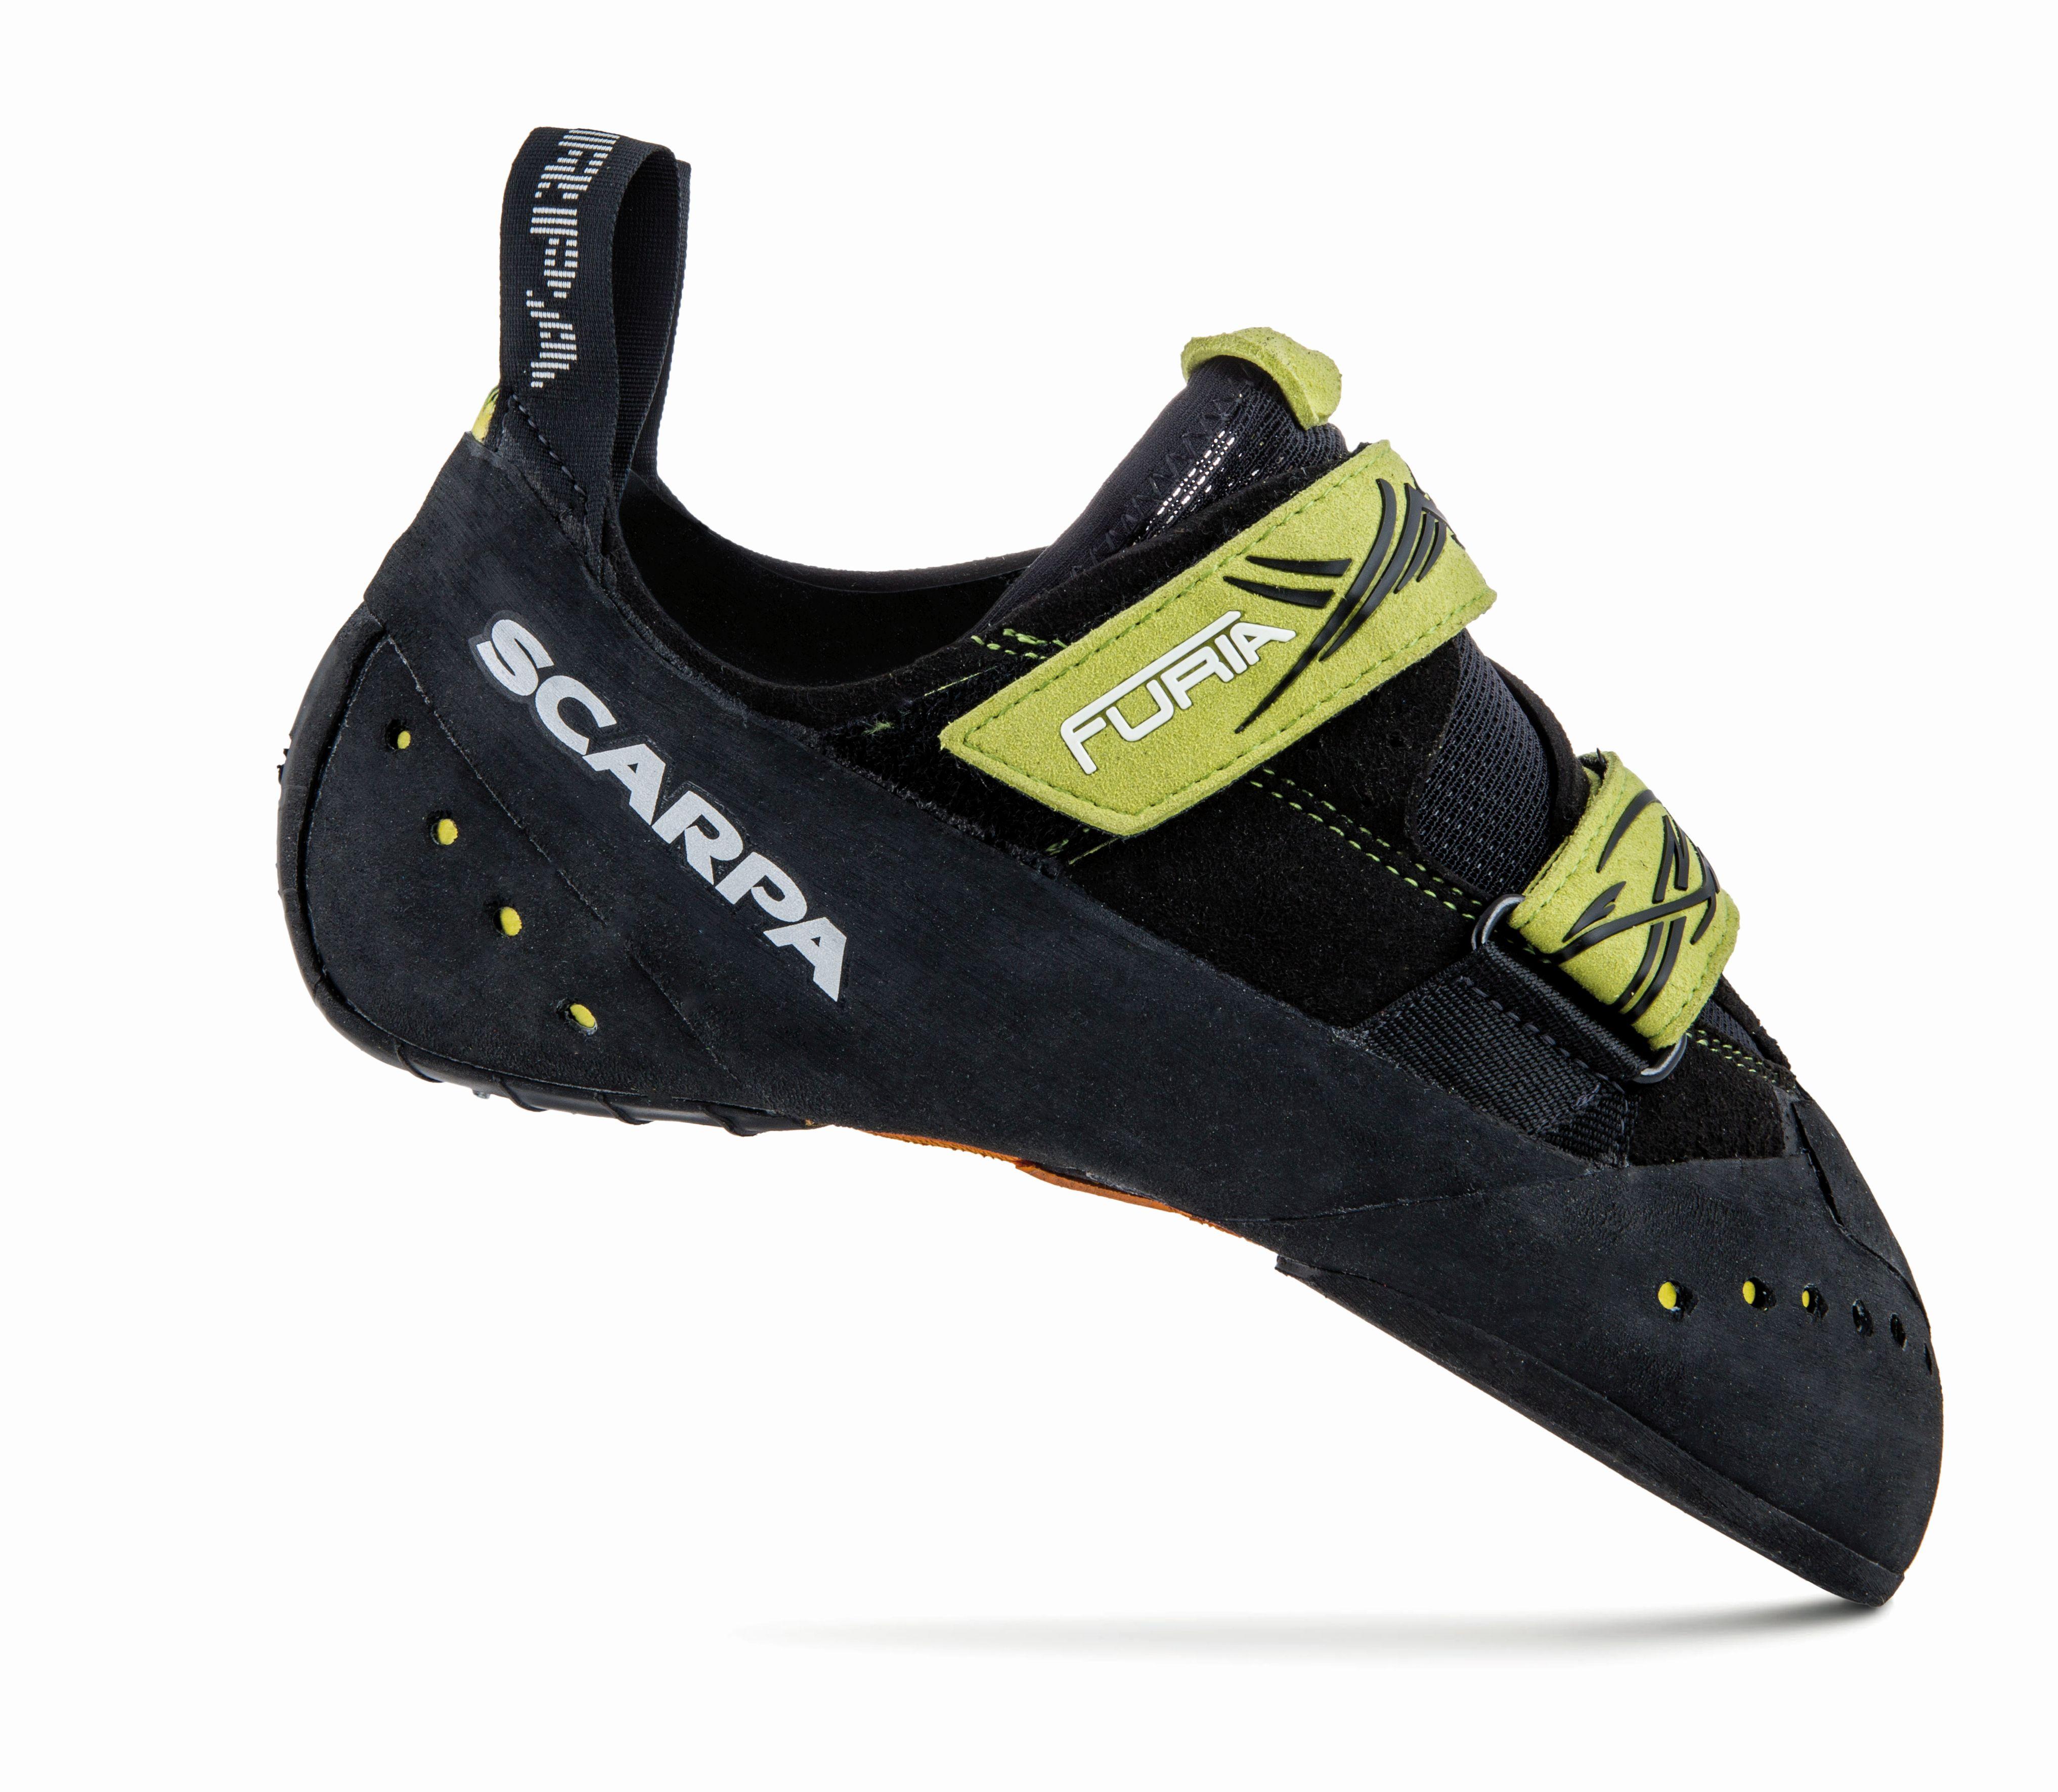 Scarpa Furia Black-30